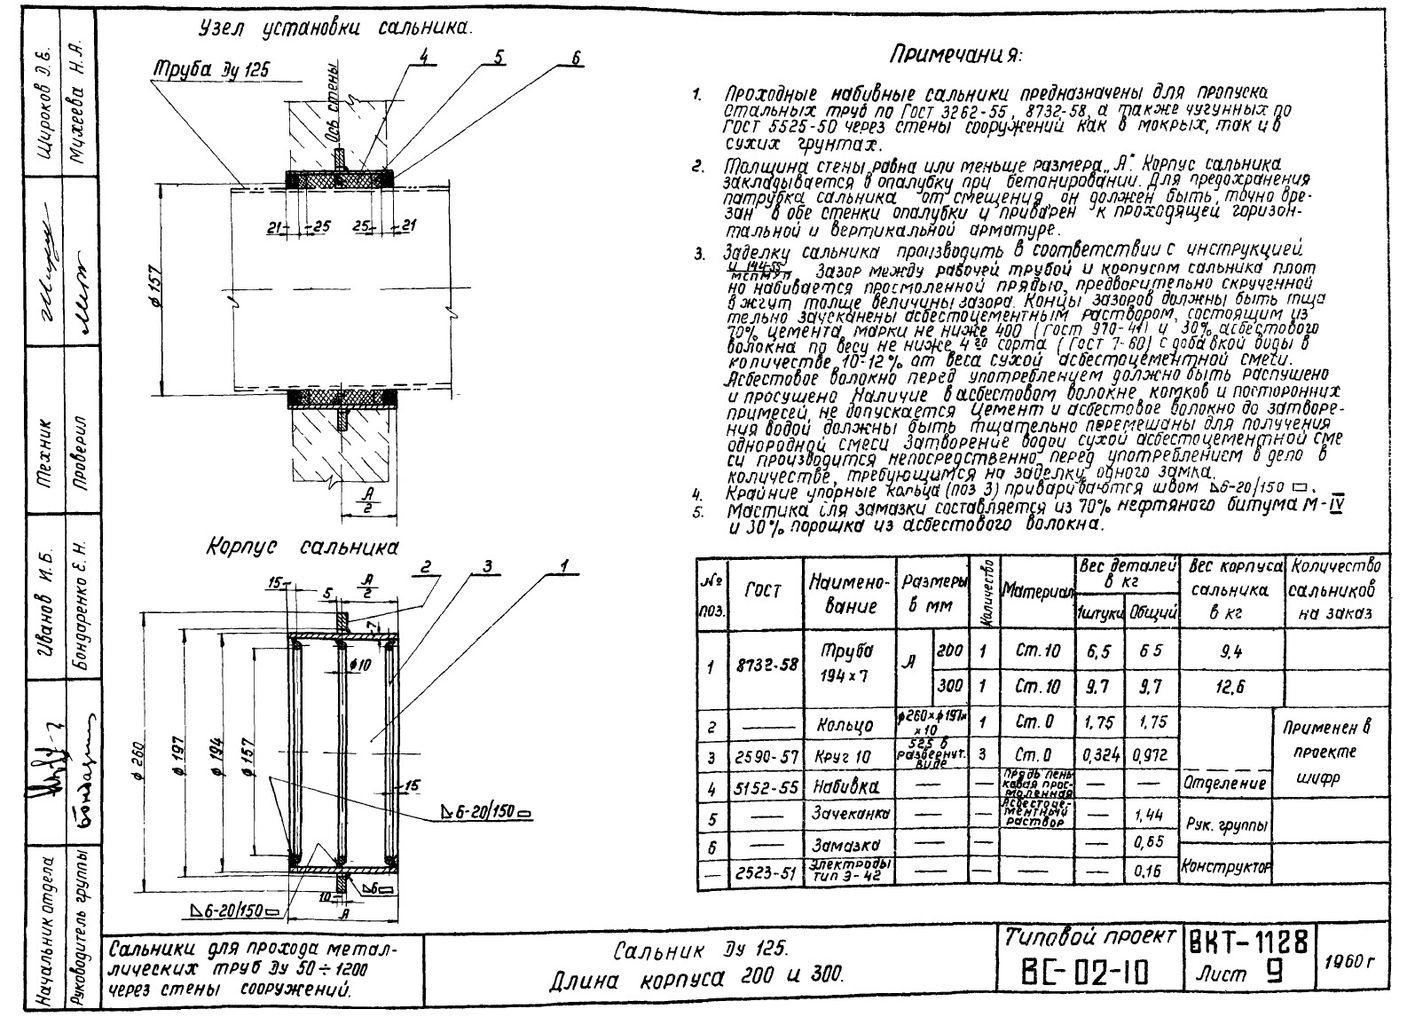 Сальники набивные L = 200 мм типовой проект ВС-02-10 стр.4